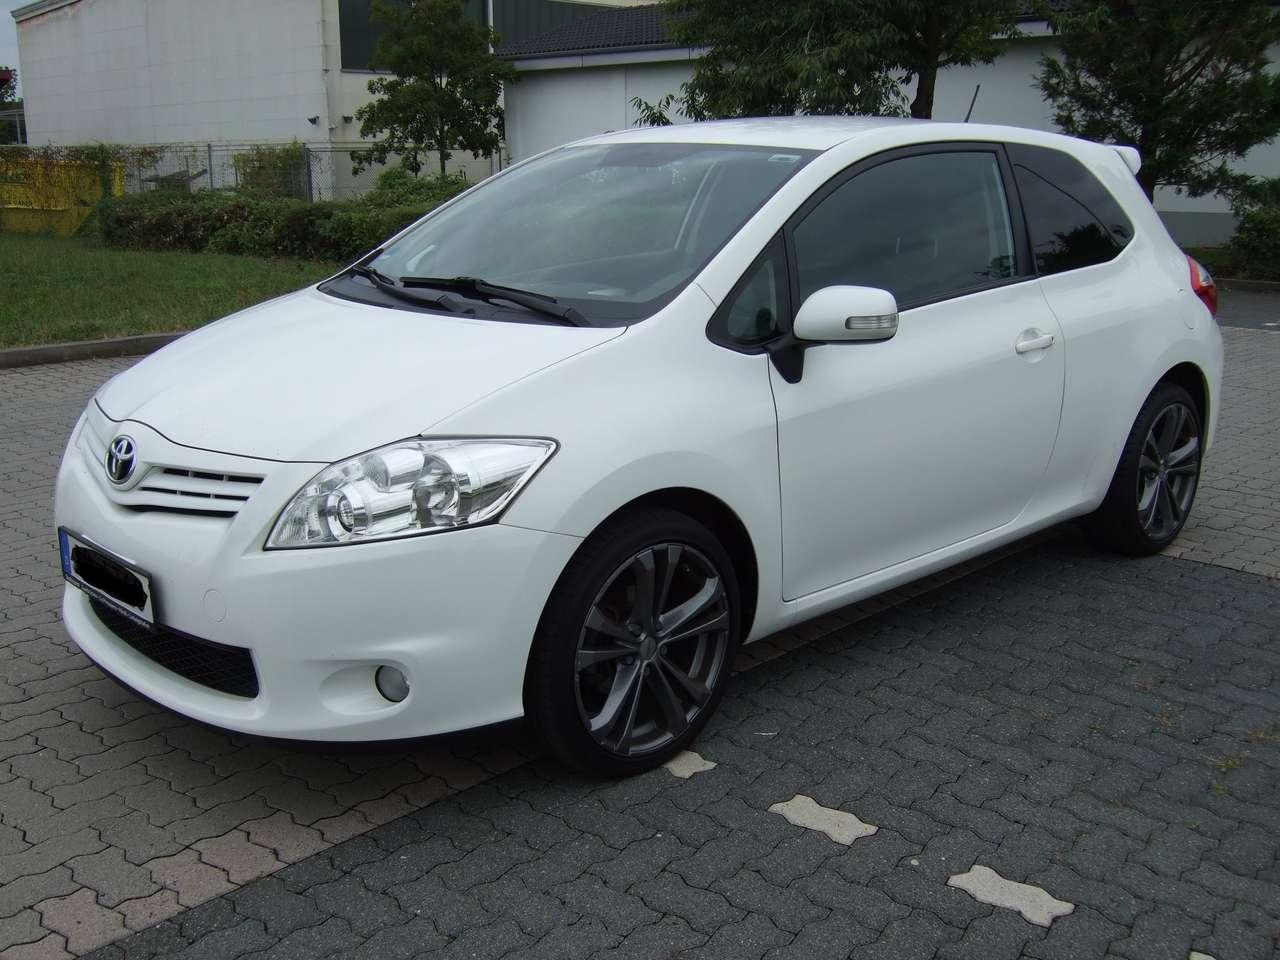 Autos nach Toyota Auris 1.6 Valvematic